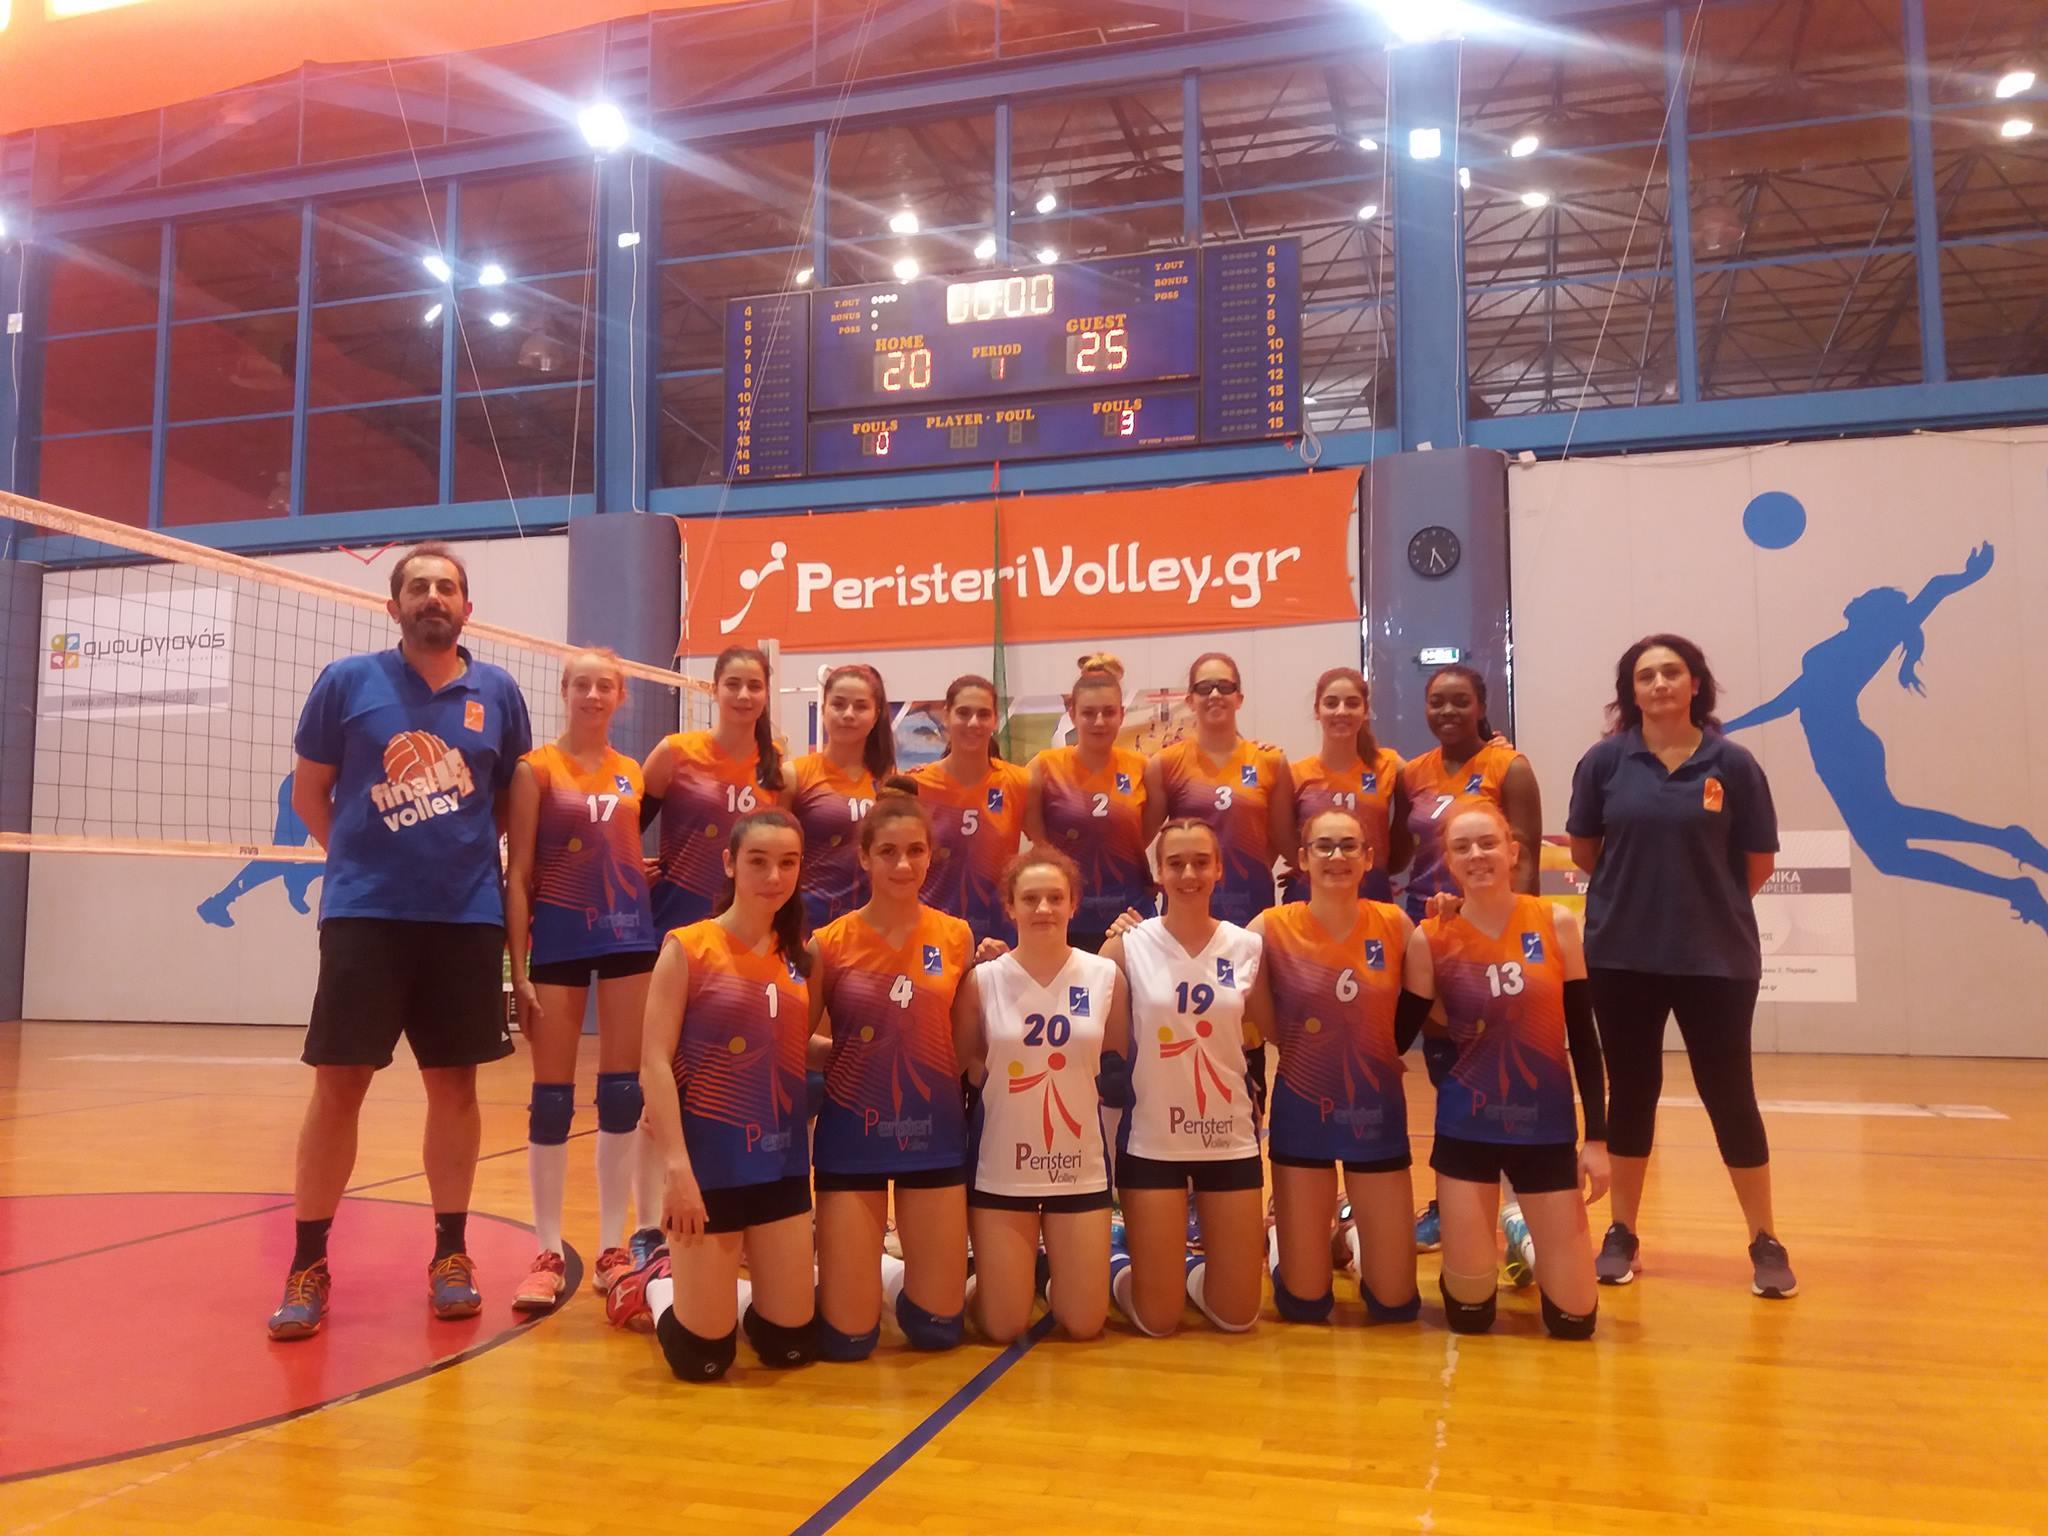 Η πρώτη νίκη ήρθε για τα κορίτσια μας!